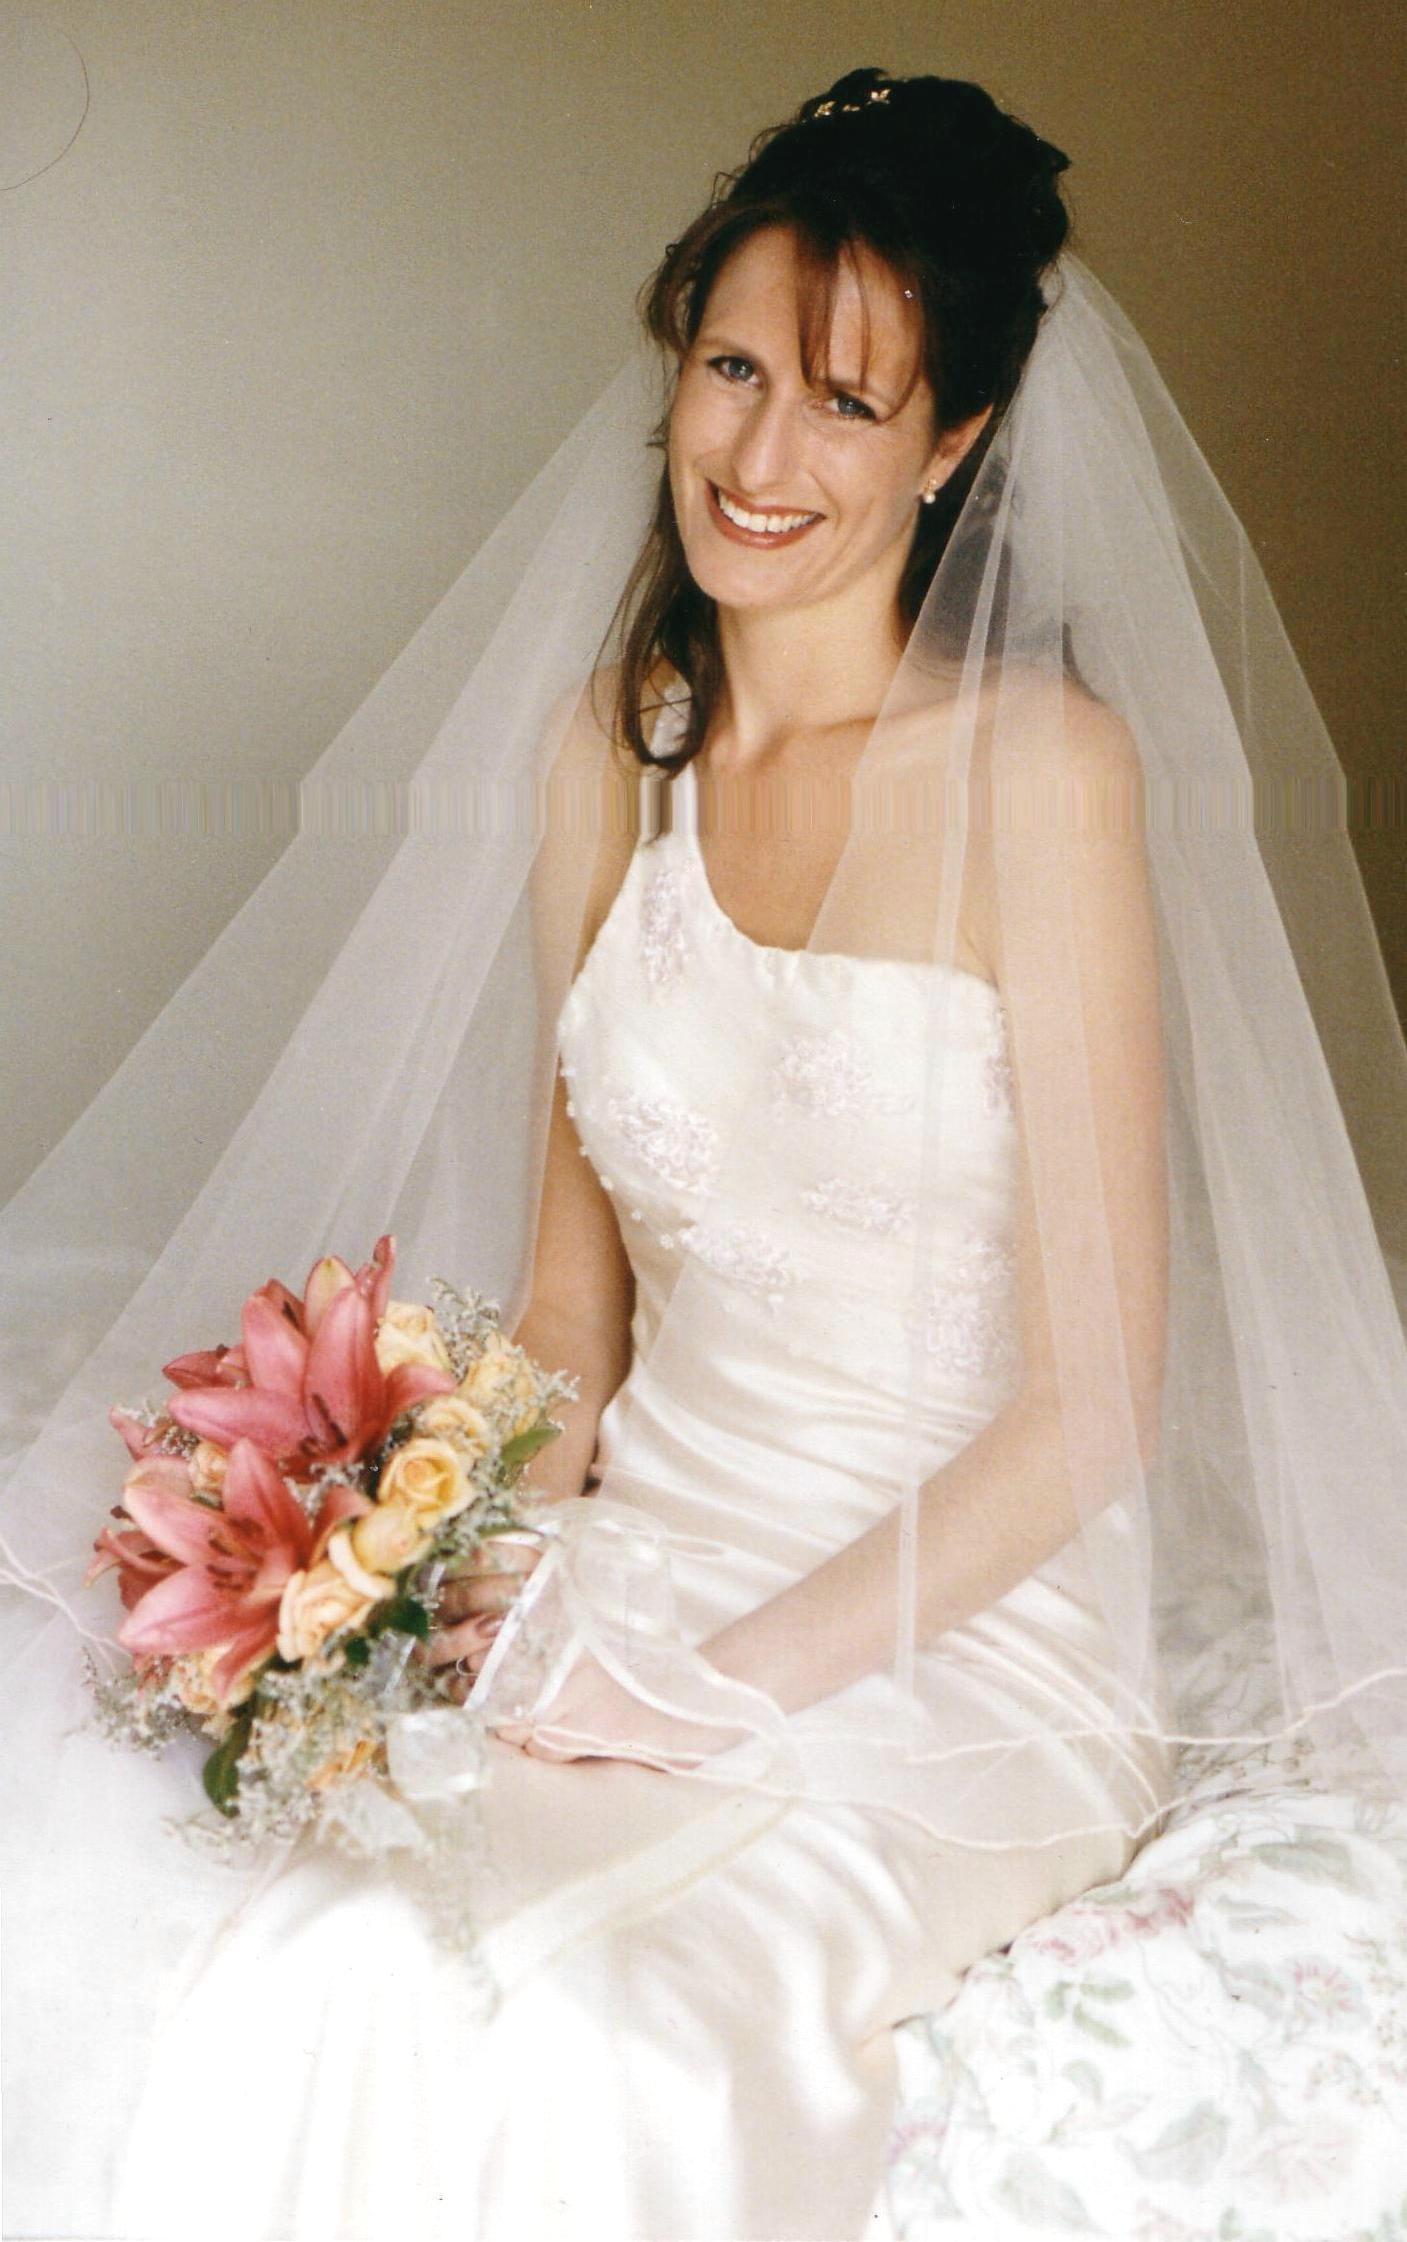 Judy Medway Bride Dearne 2